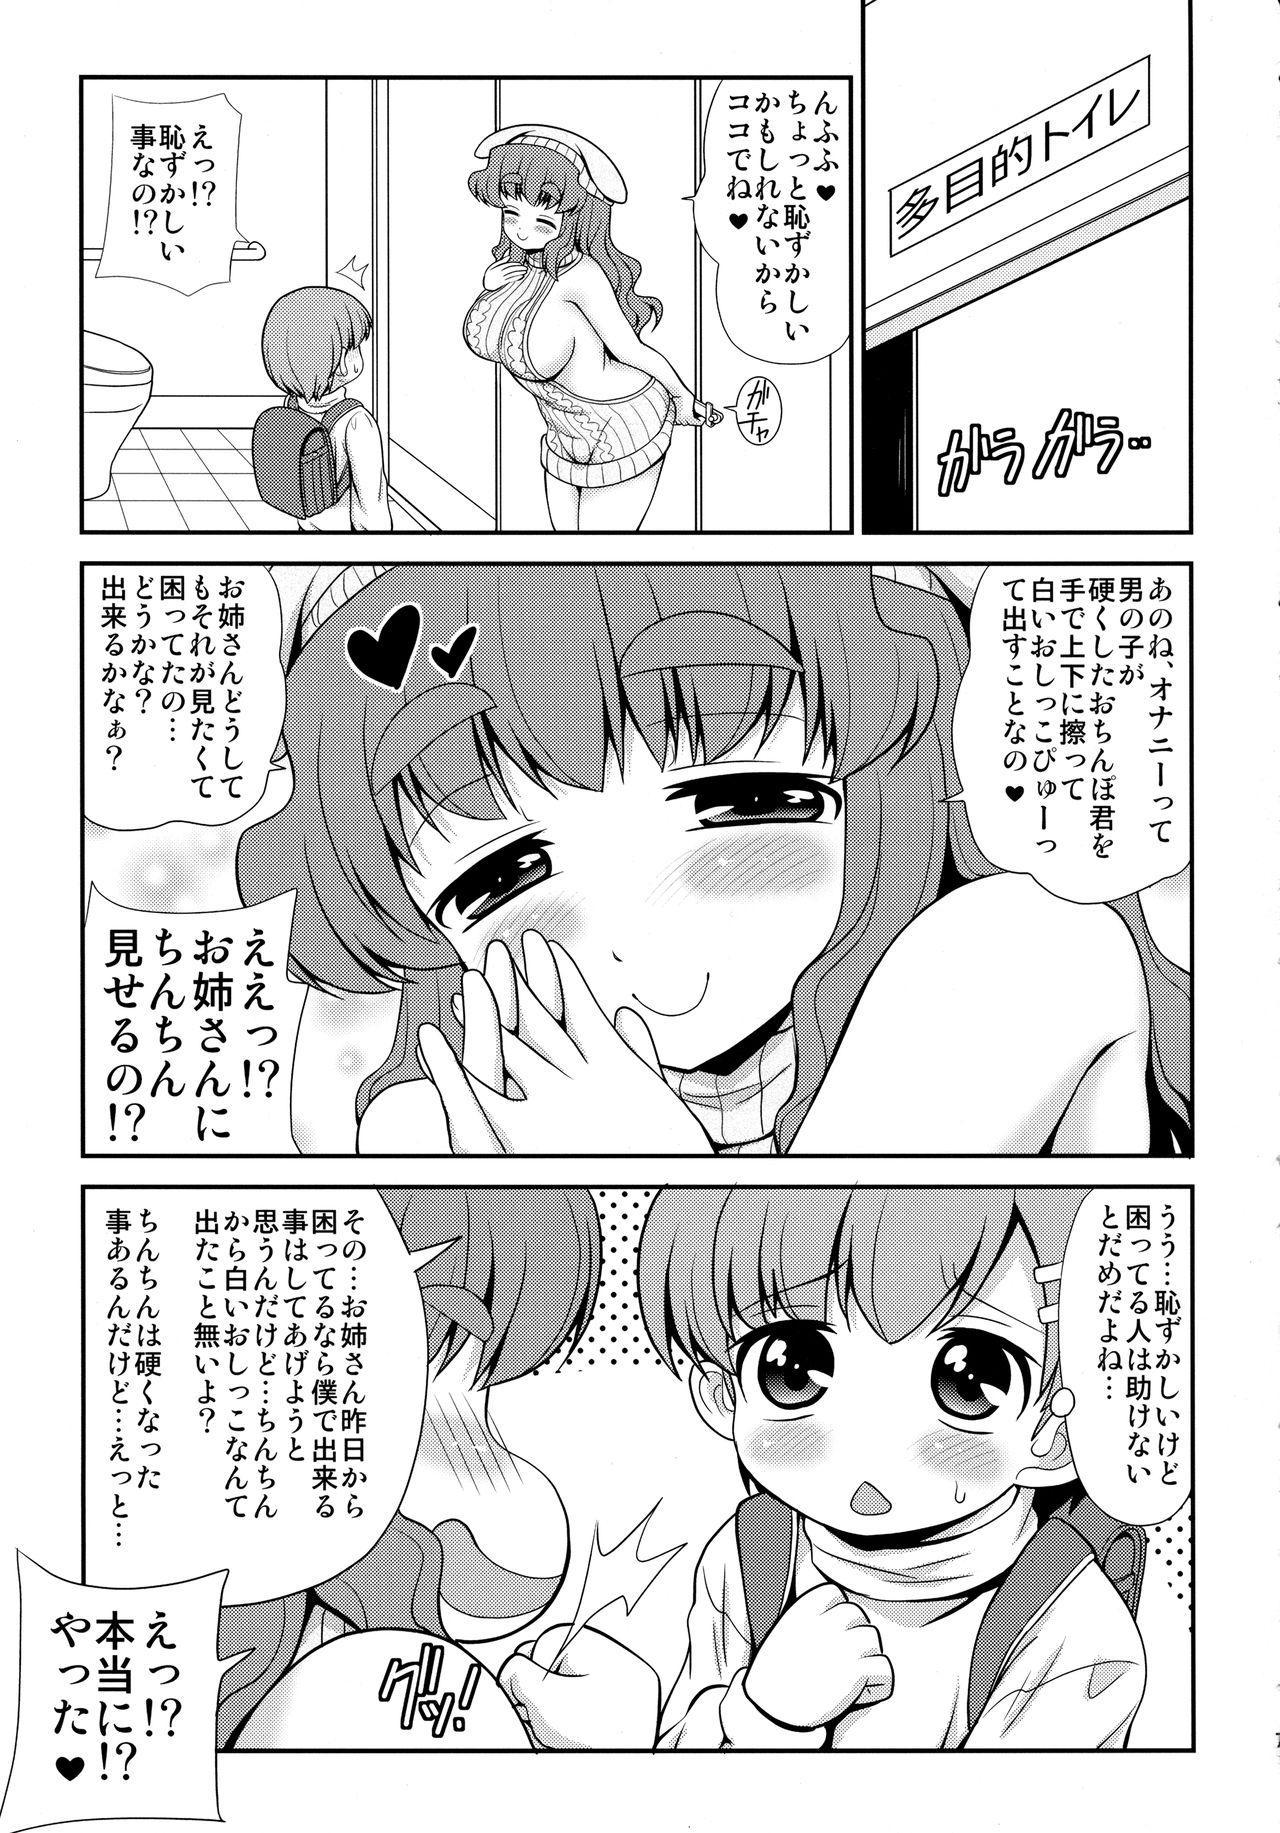 Danshi Shougakusei no Onanie o Mitai Chijo ga Iru You desu yo? 5